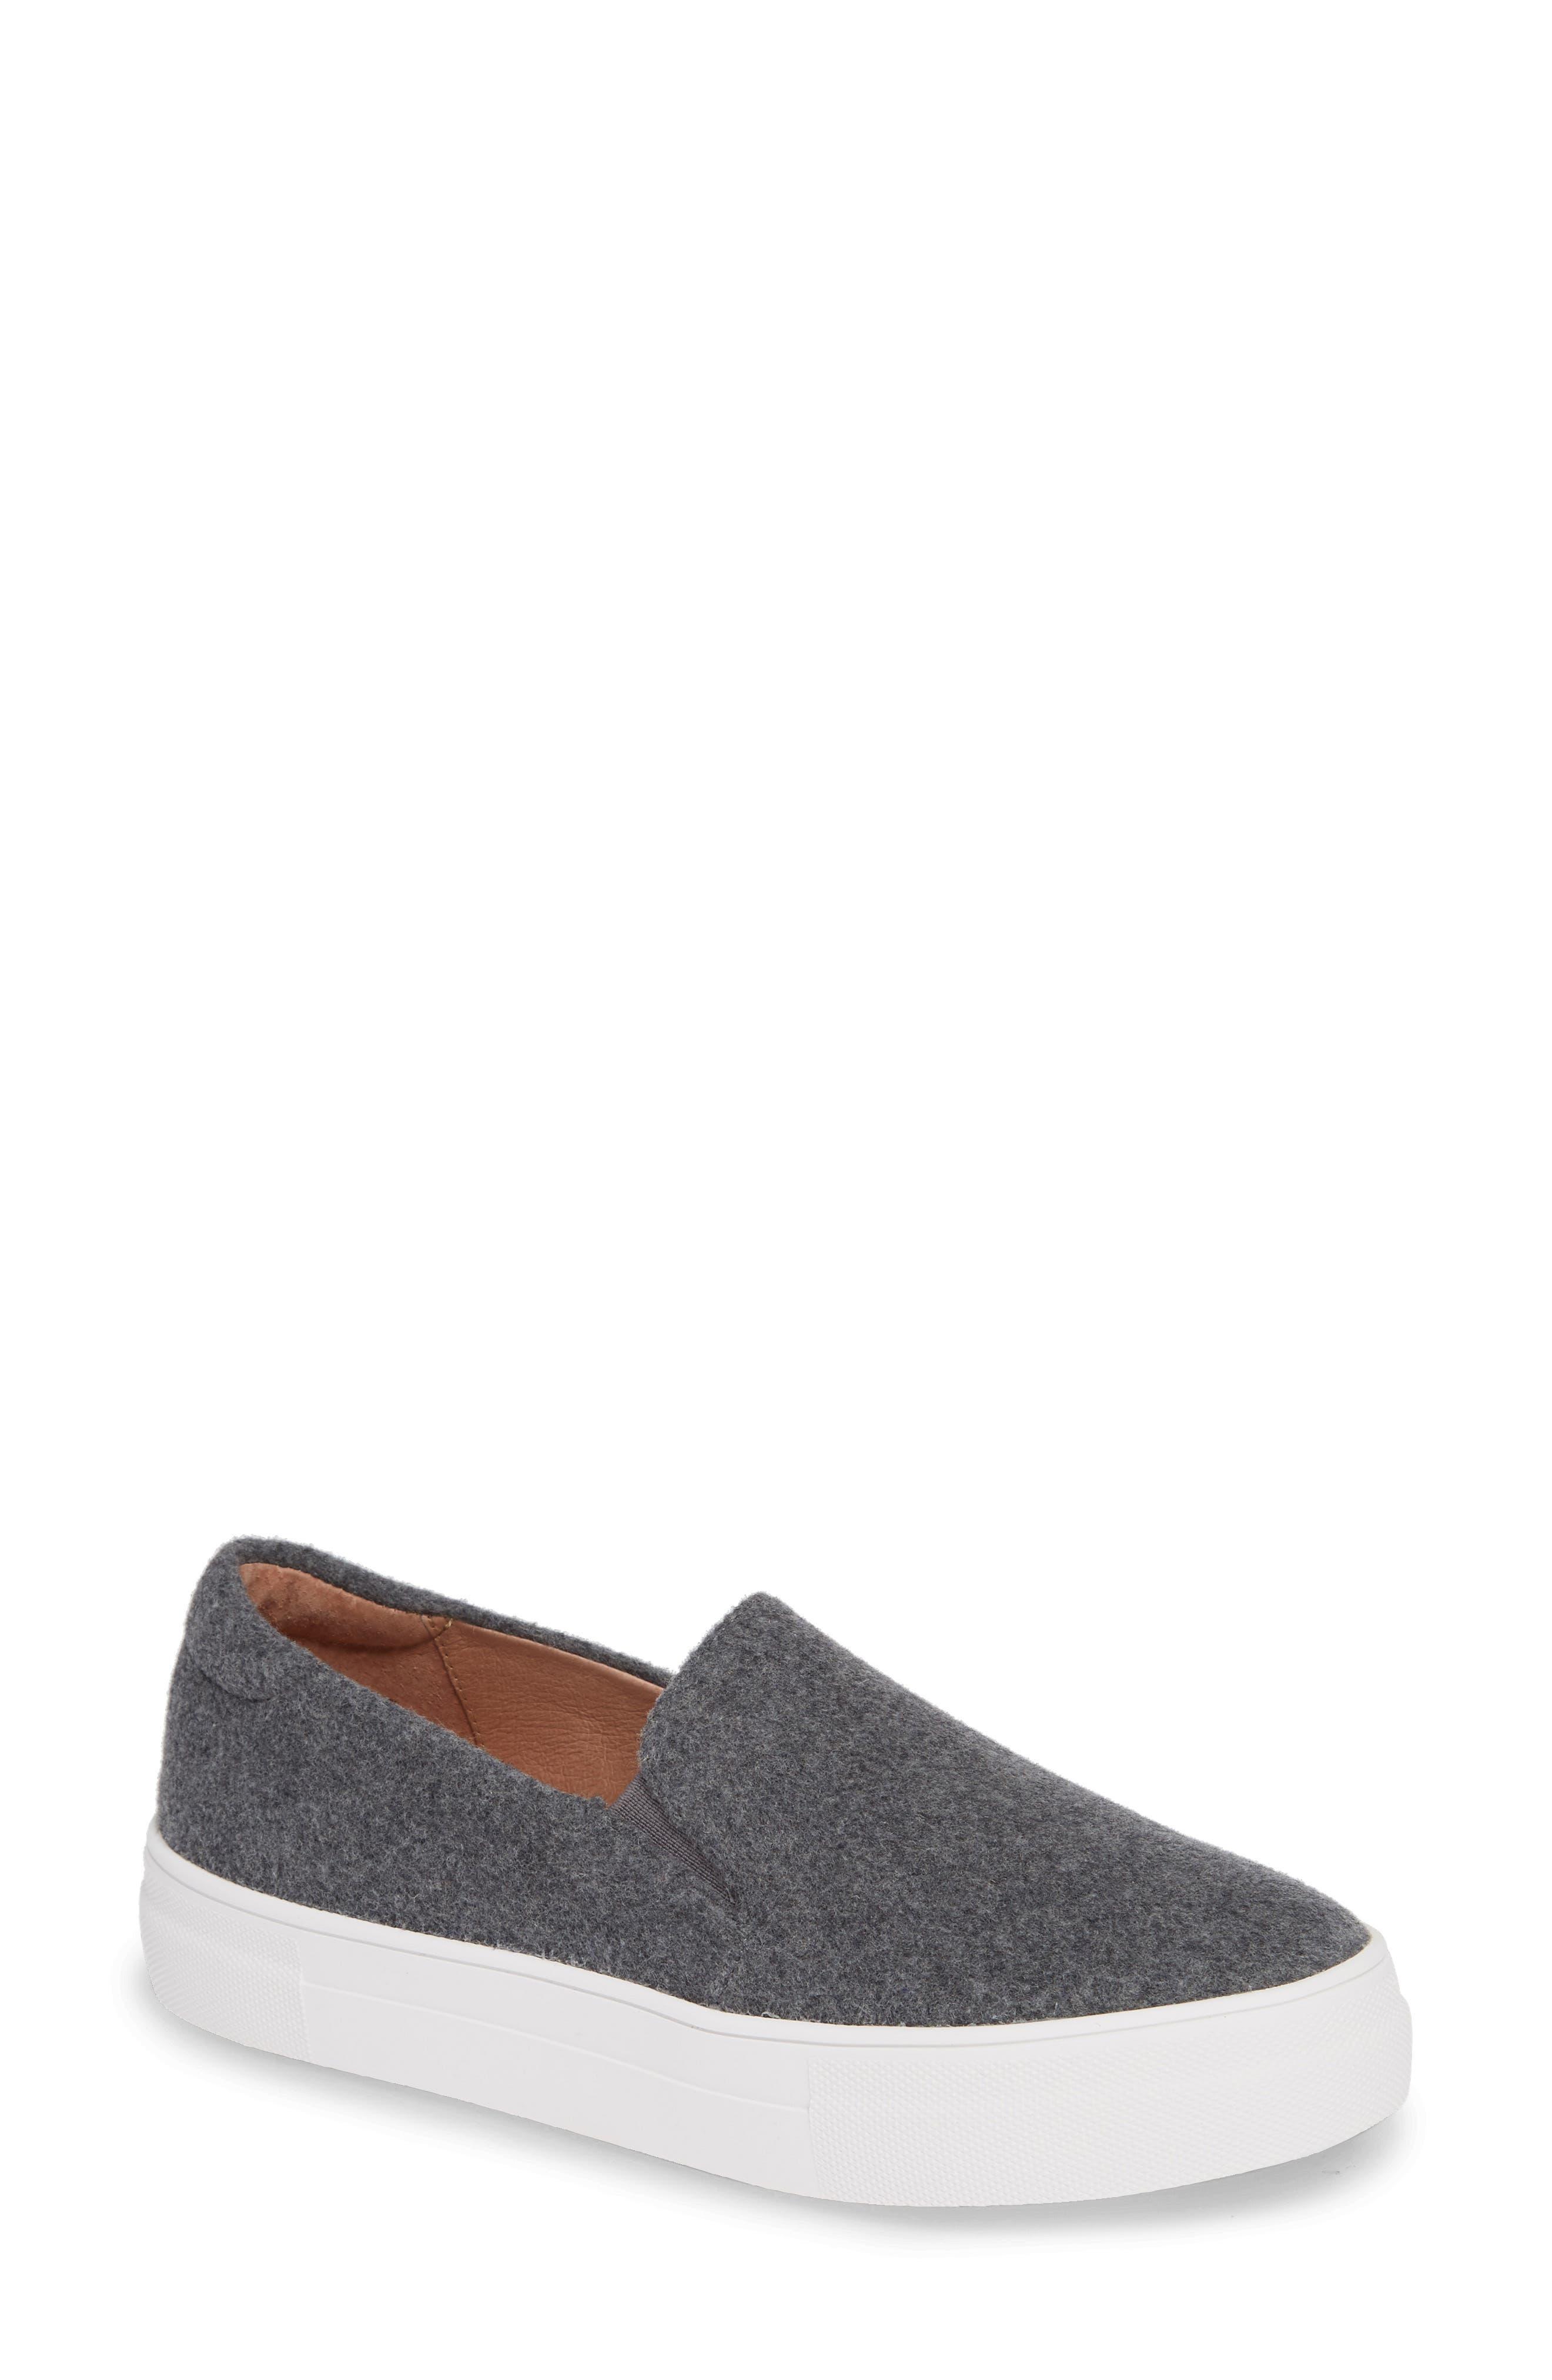 Alden Slip-On Sneaker,                         Main,                         color, STONE BOILED WOOL